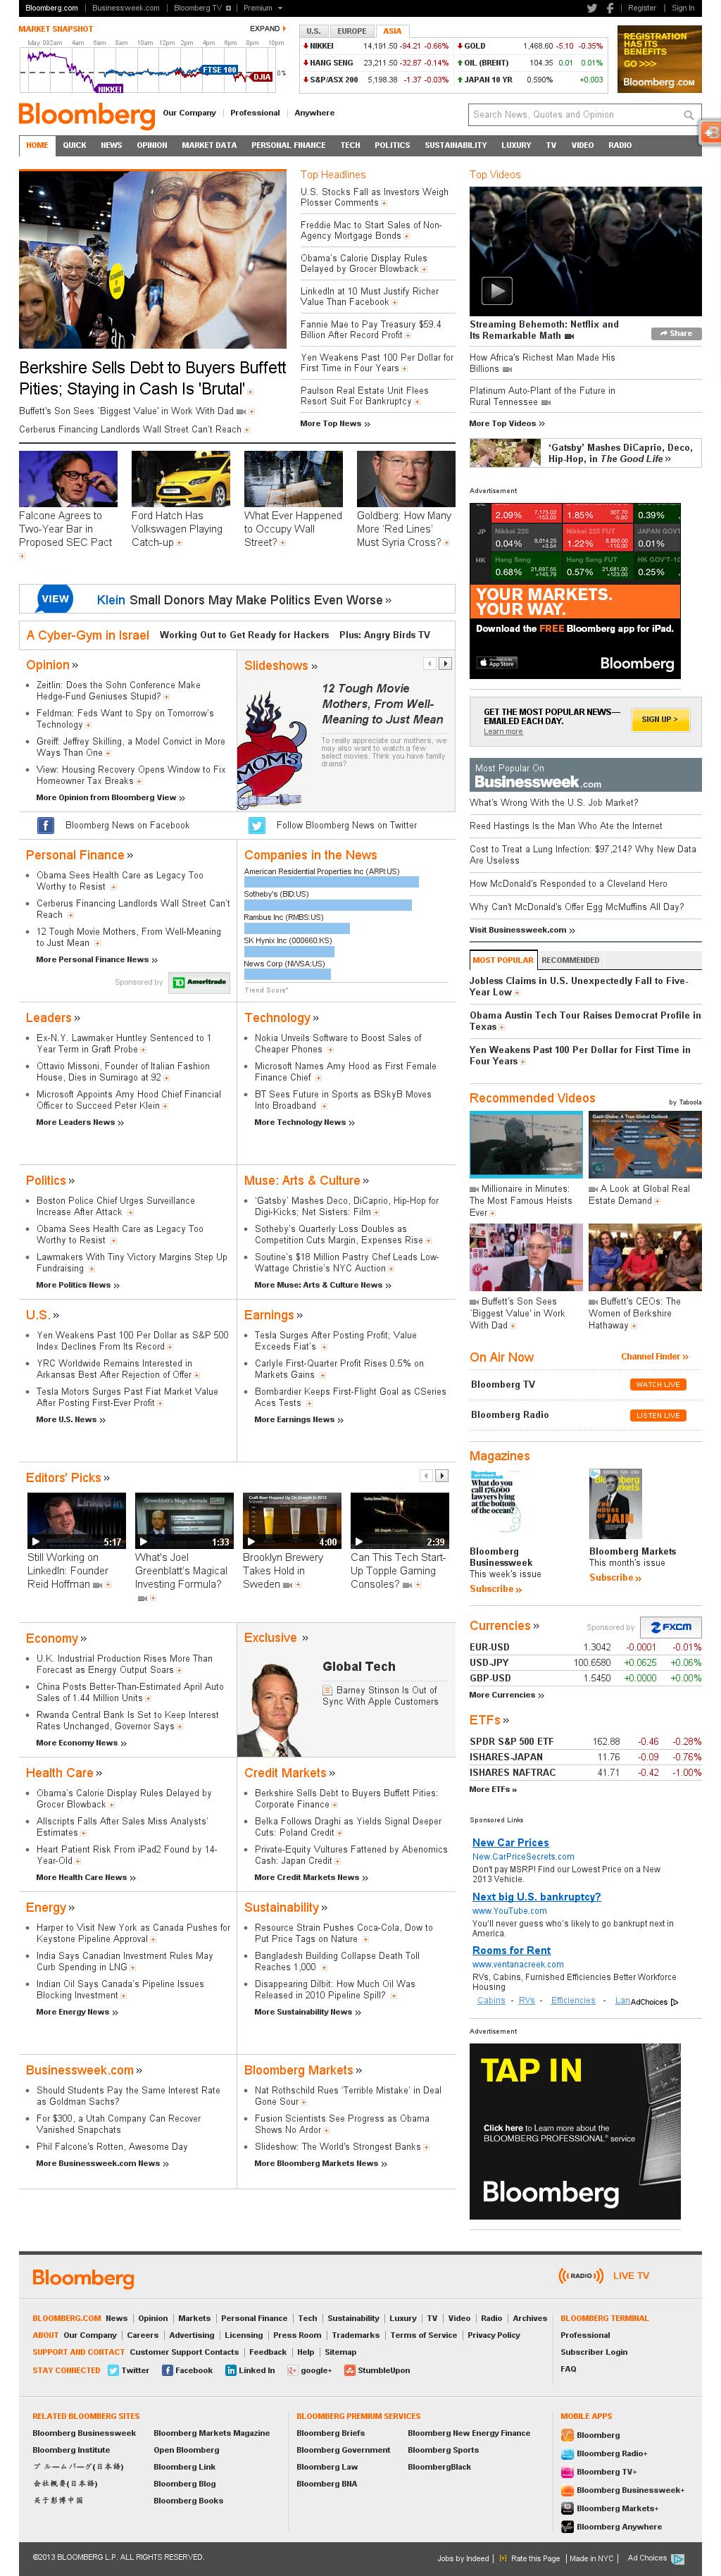 Bloomberg at Thursday May 9, 2013, 10:04 p.m. UTC